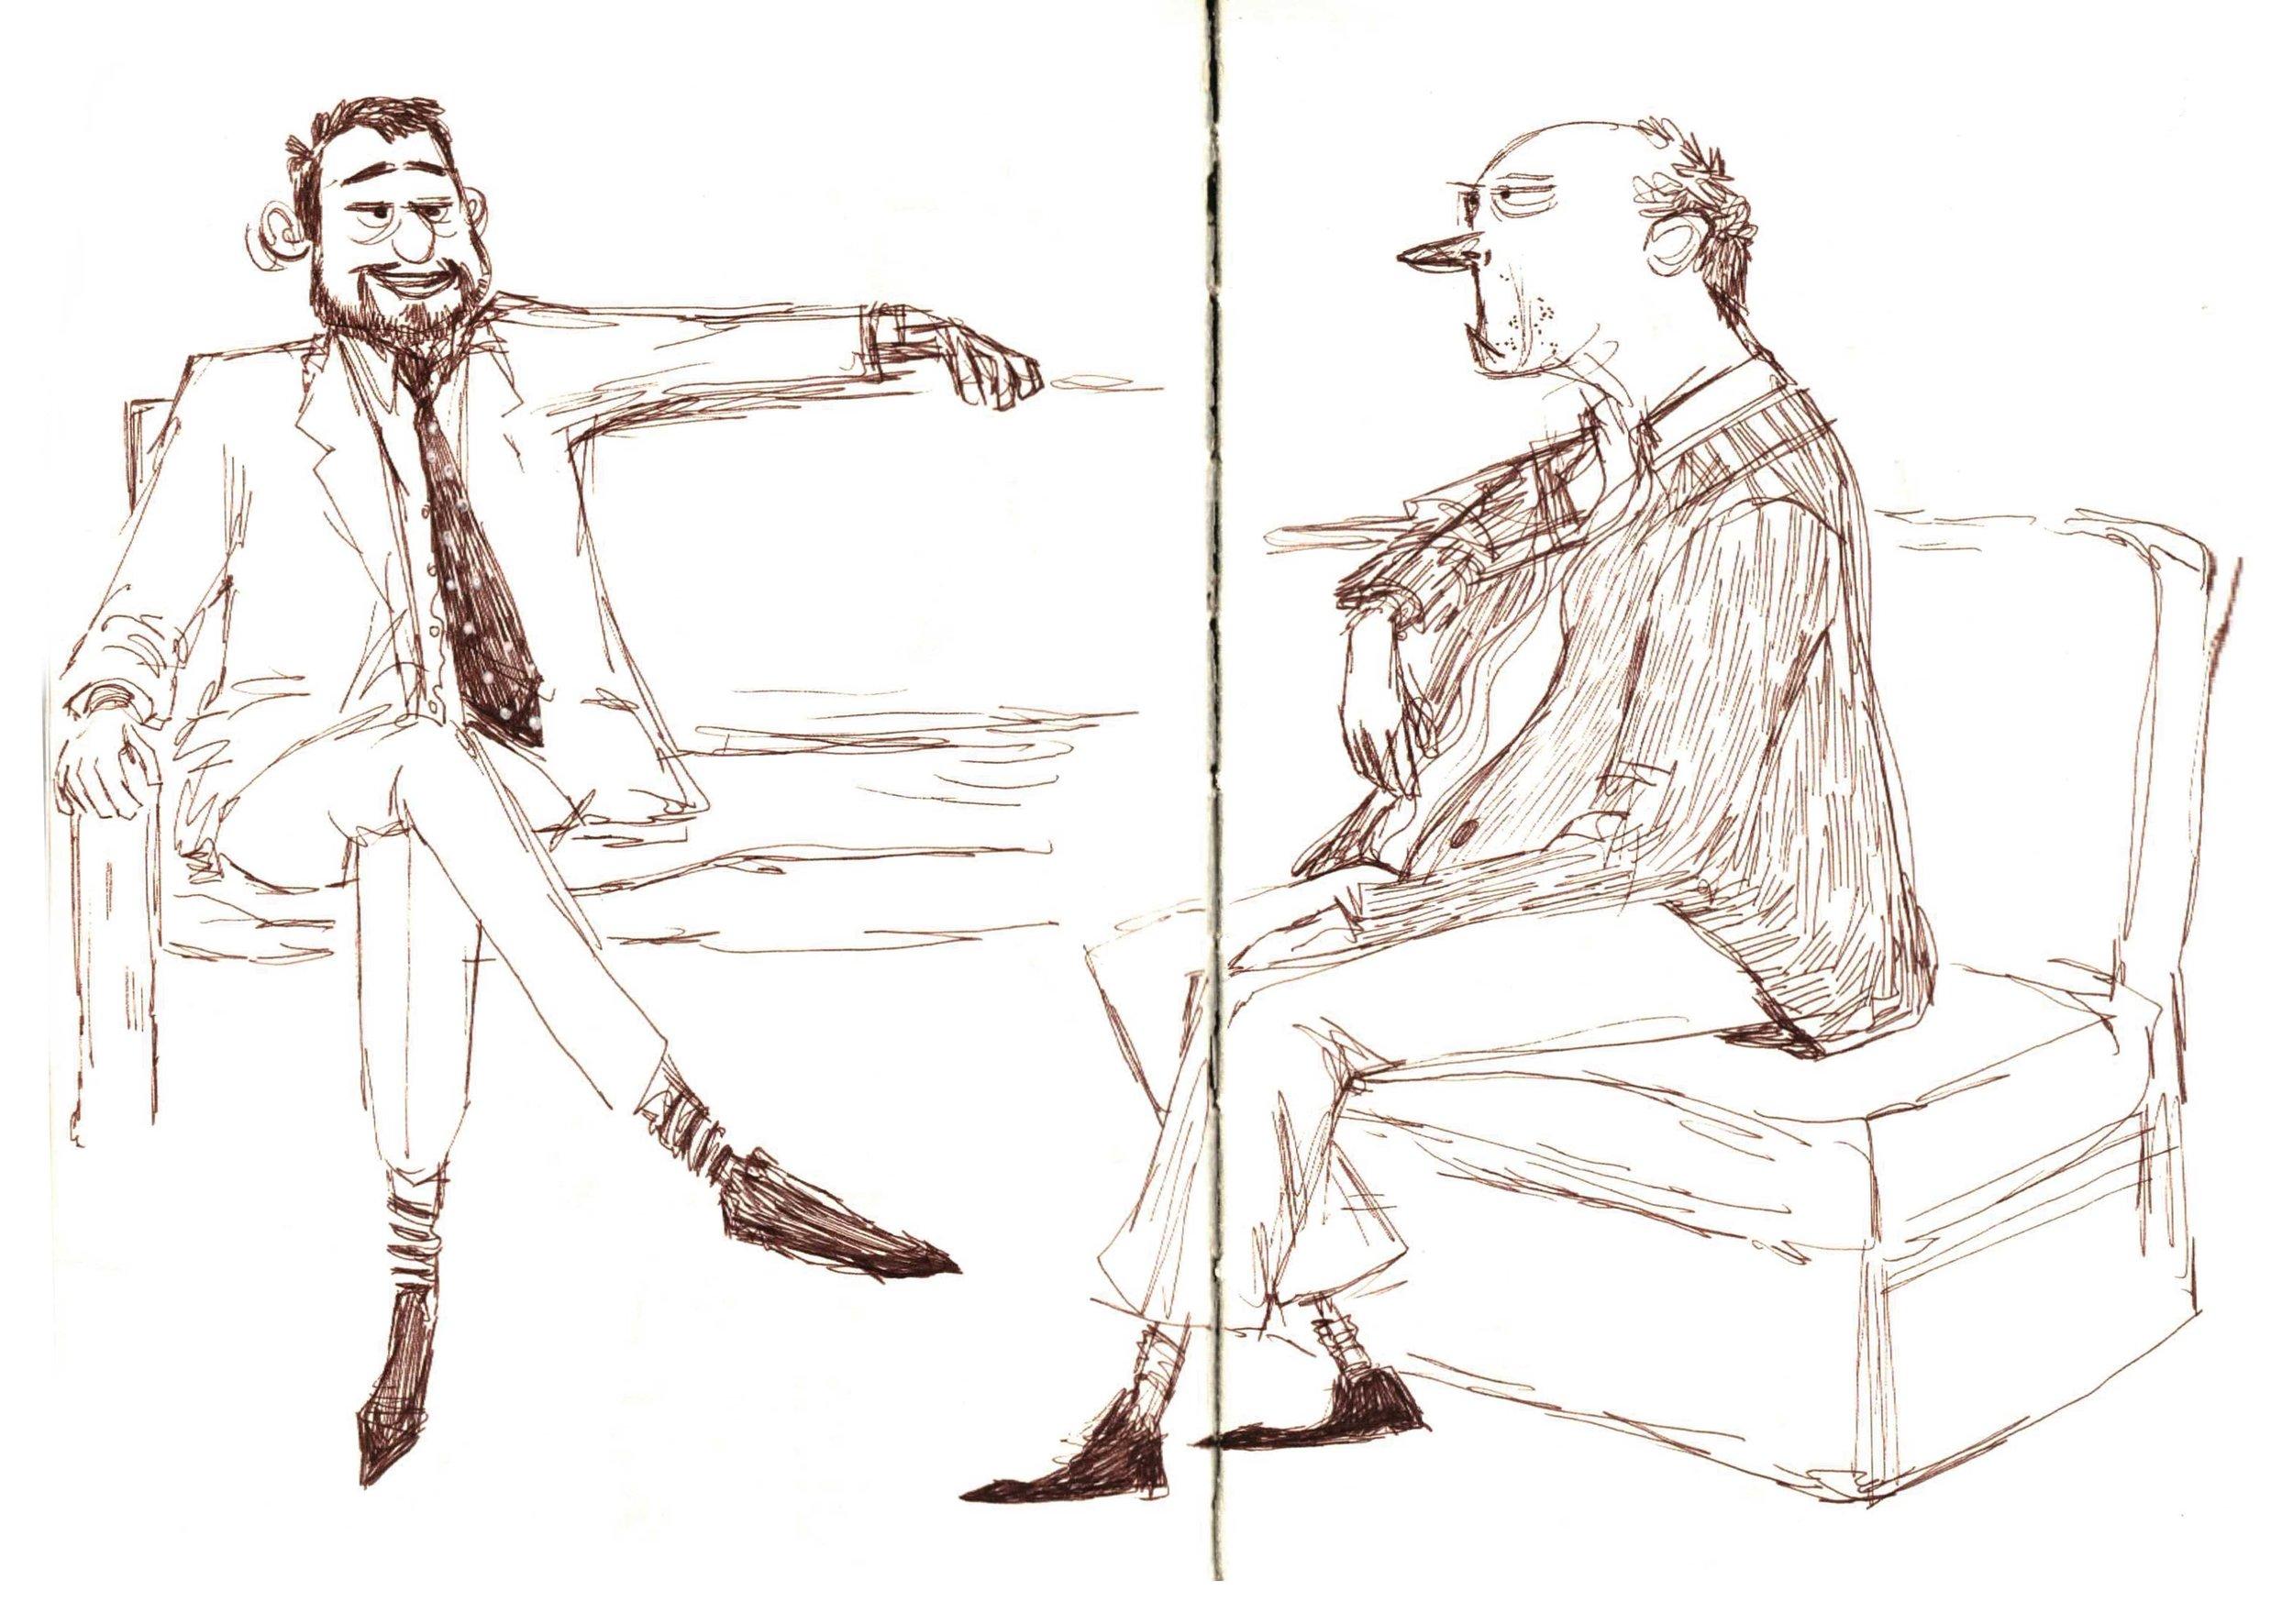 sketches-of-nick-kroll.jpg